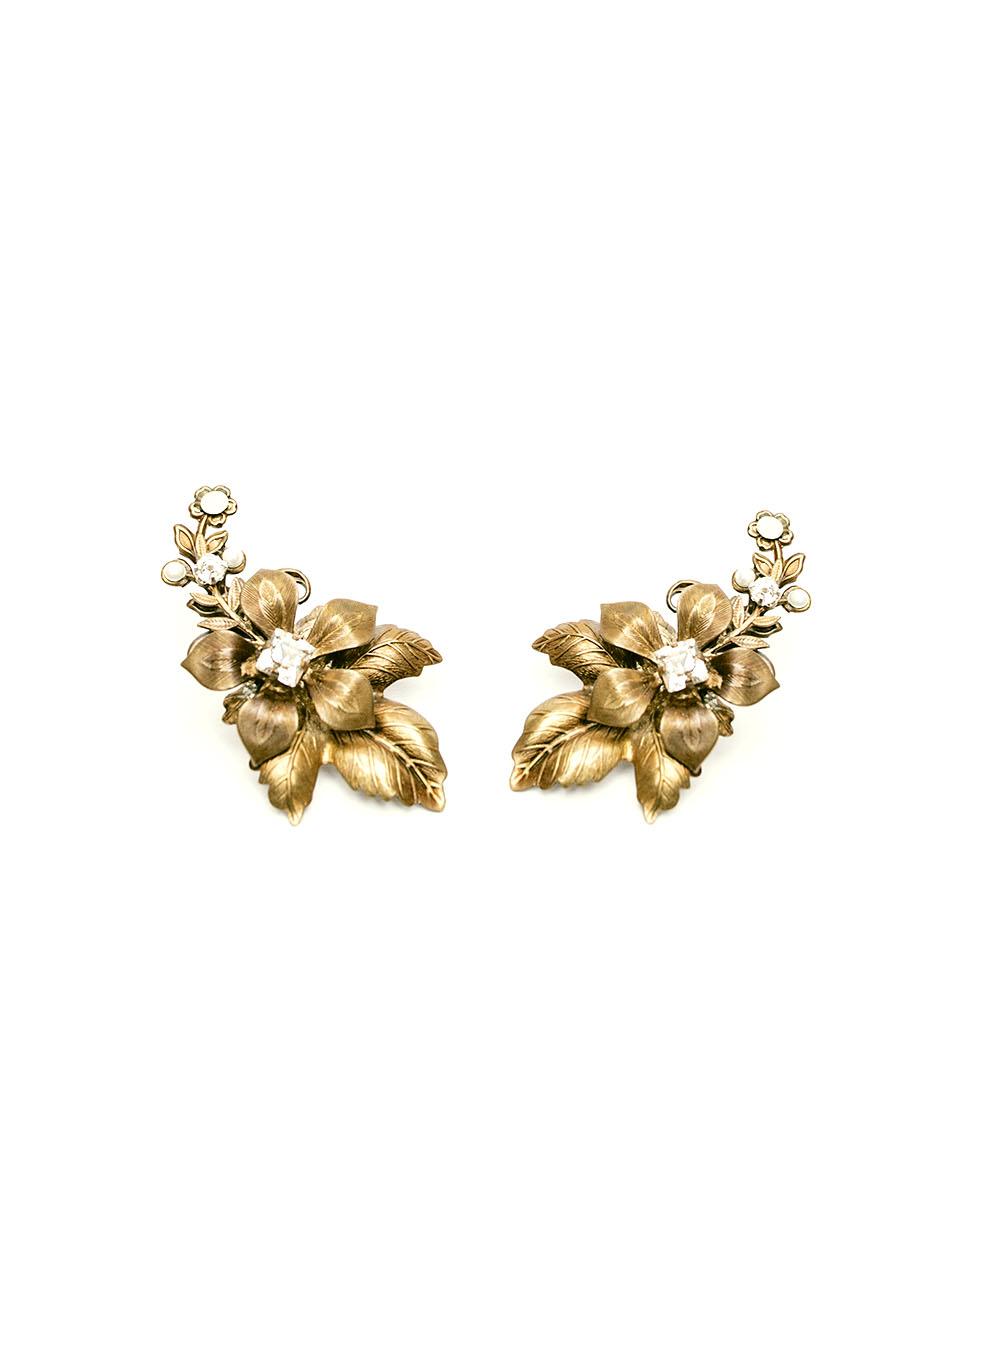 Accessoires cheveux mariée genève Cherrish Bijoux boucles d'oreille fleur strass doré bijoux luxe